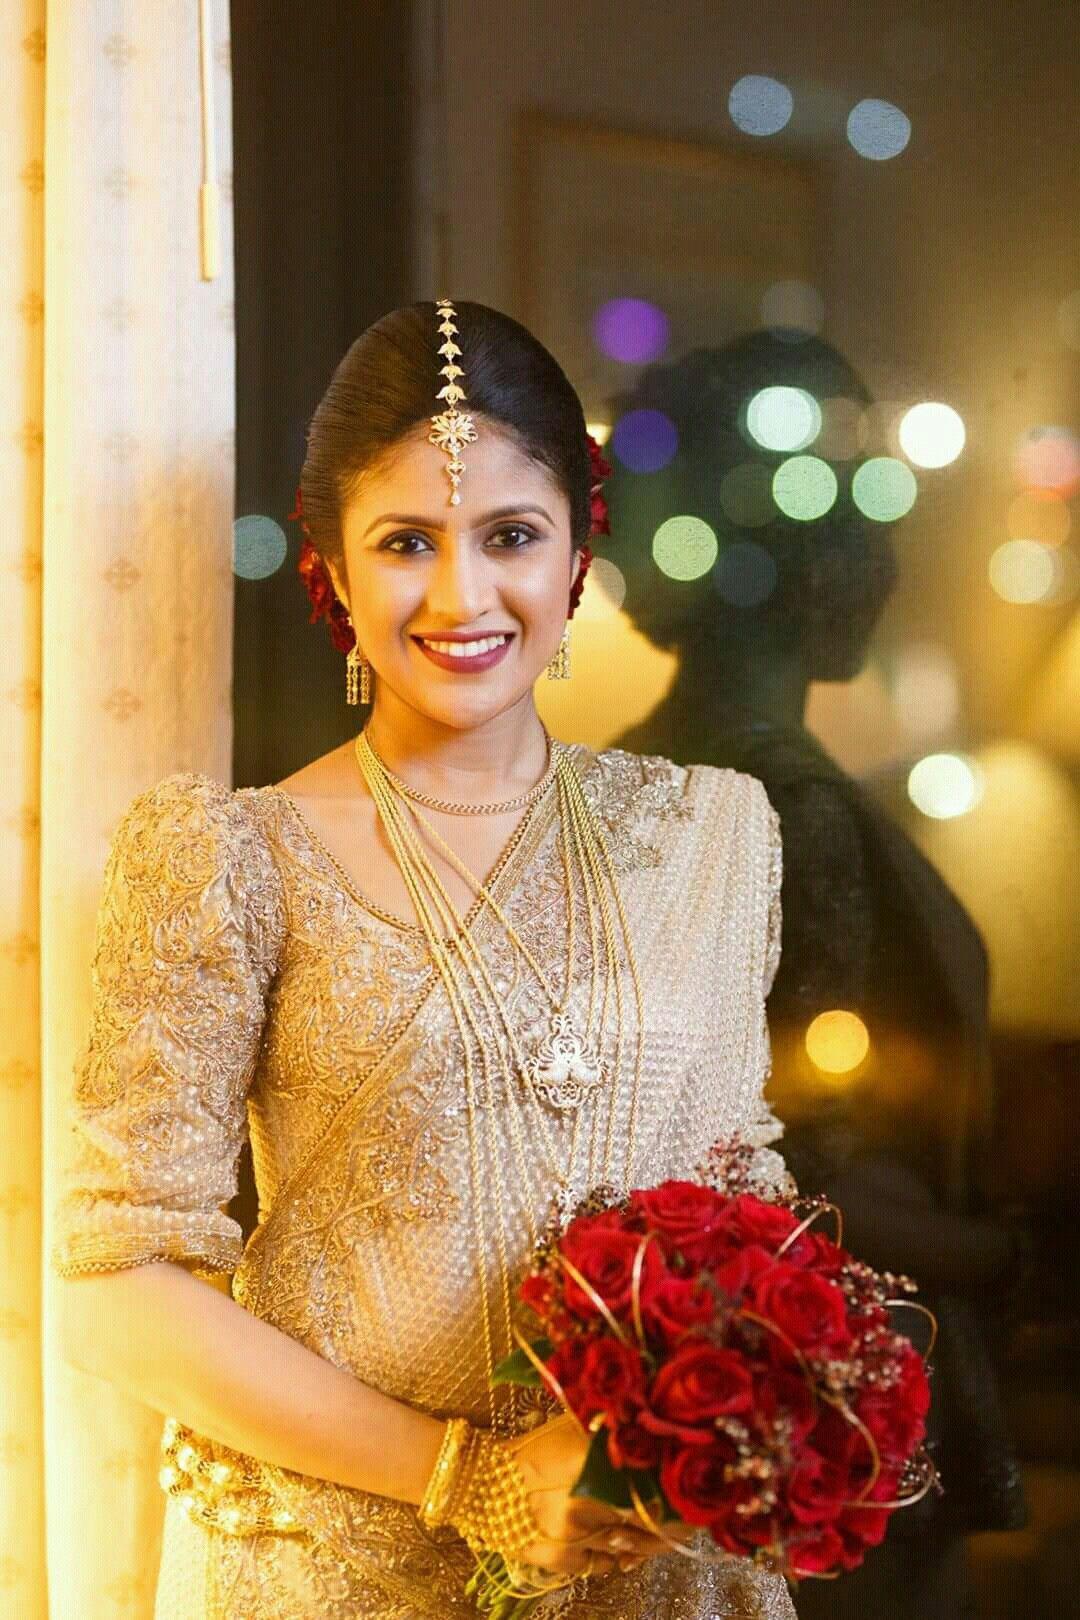 dressed by dhananjaya bandara | kandyan brides in 2019